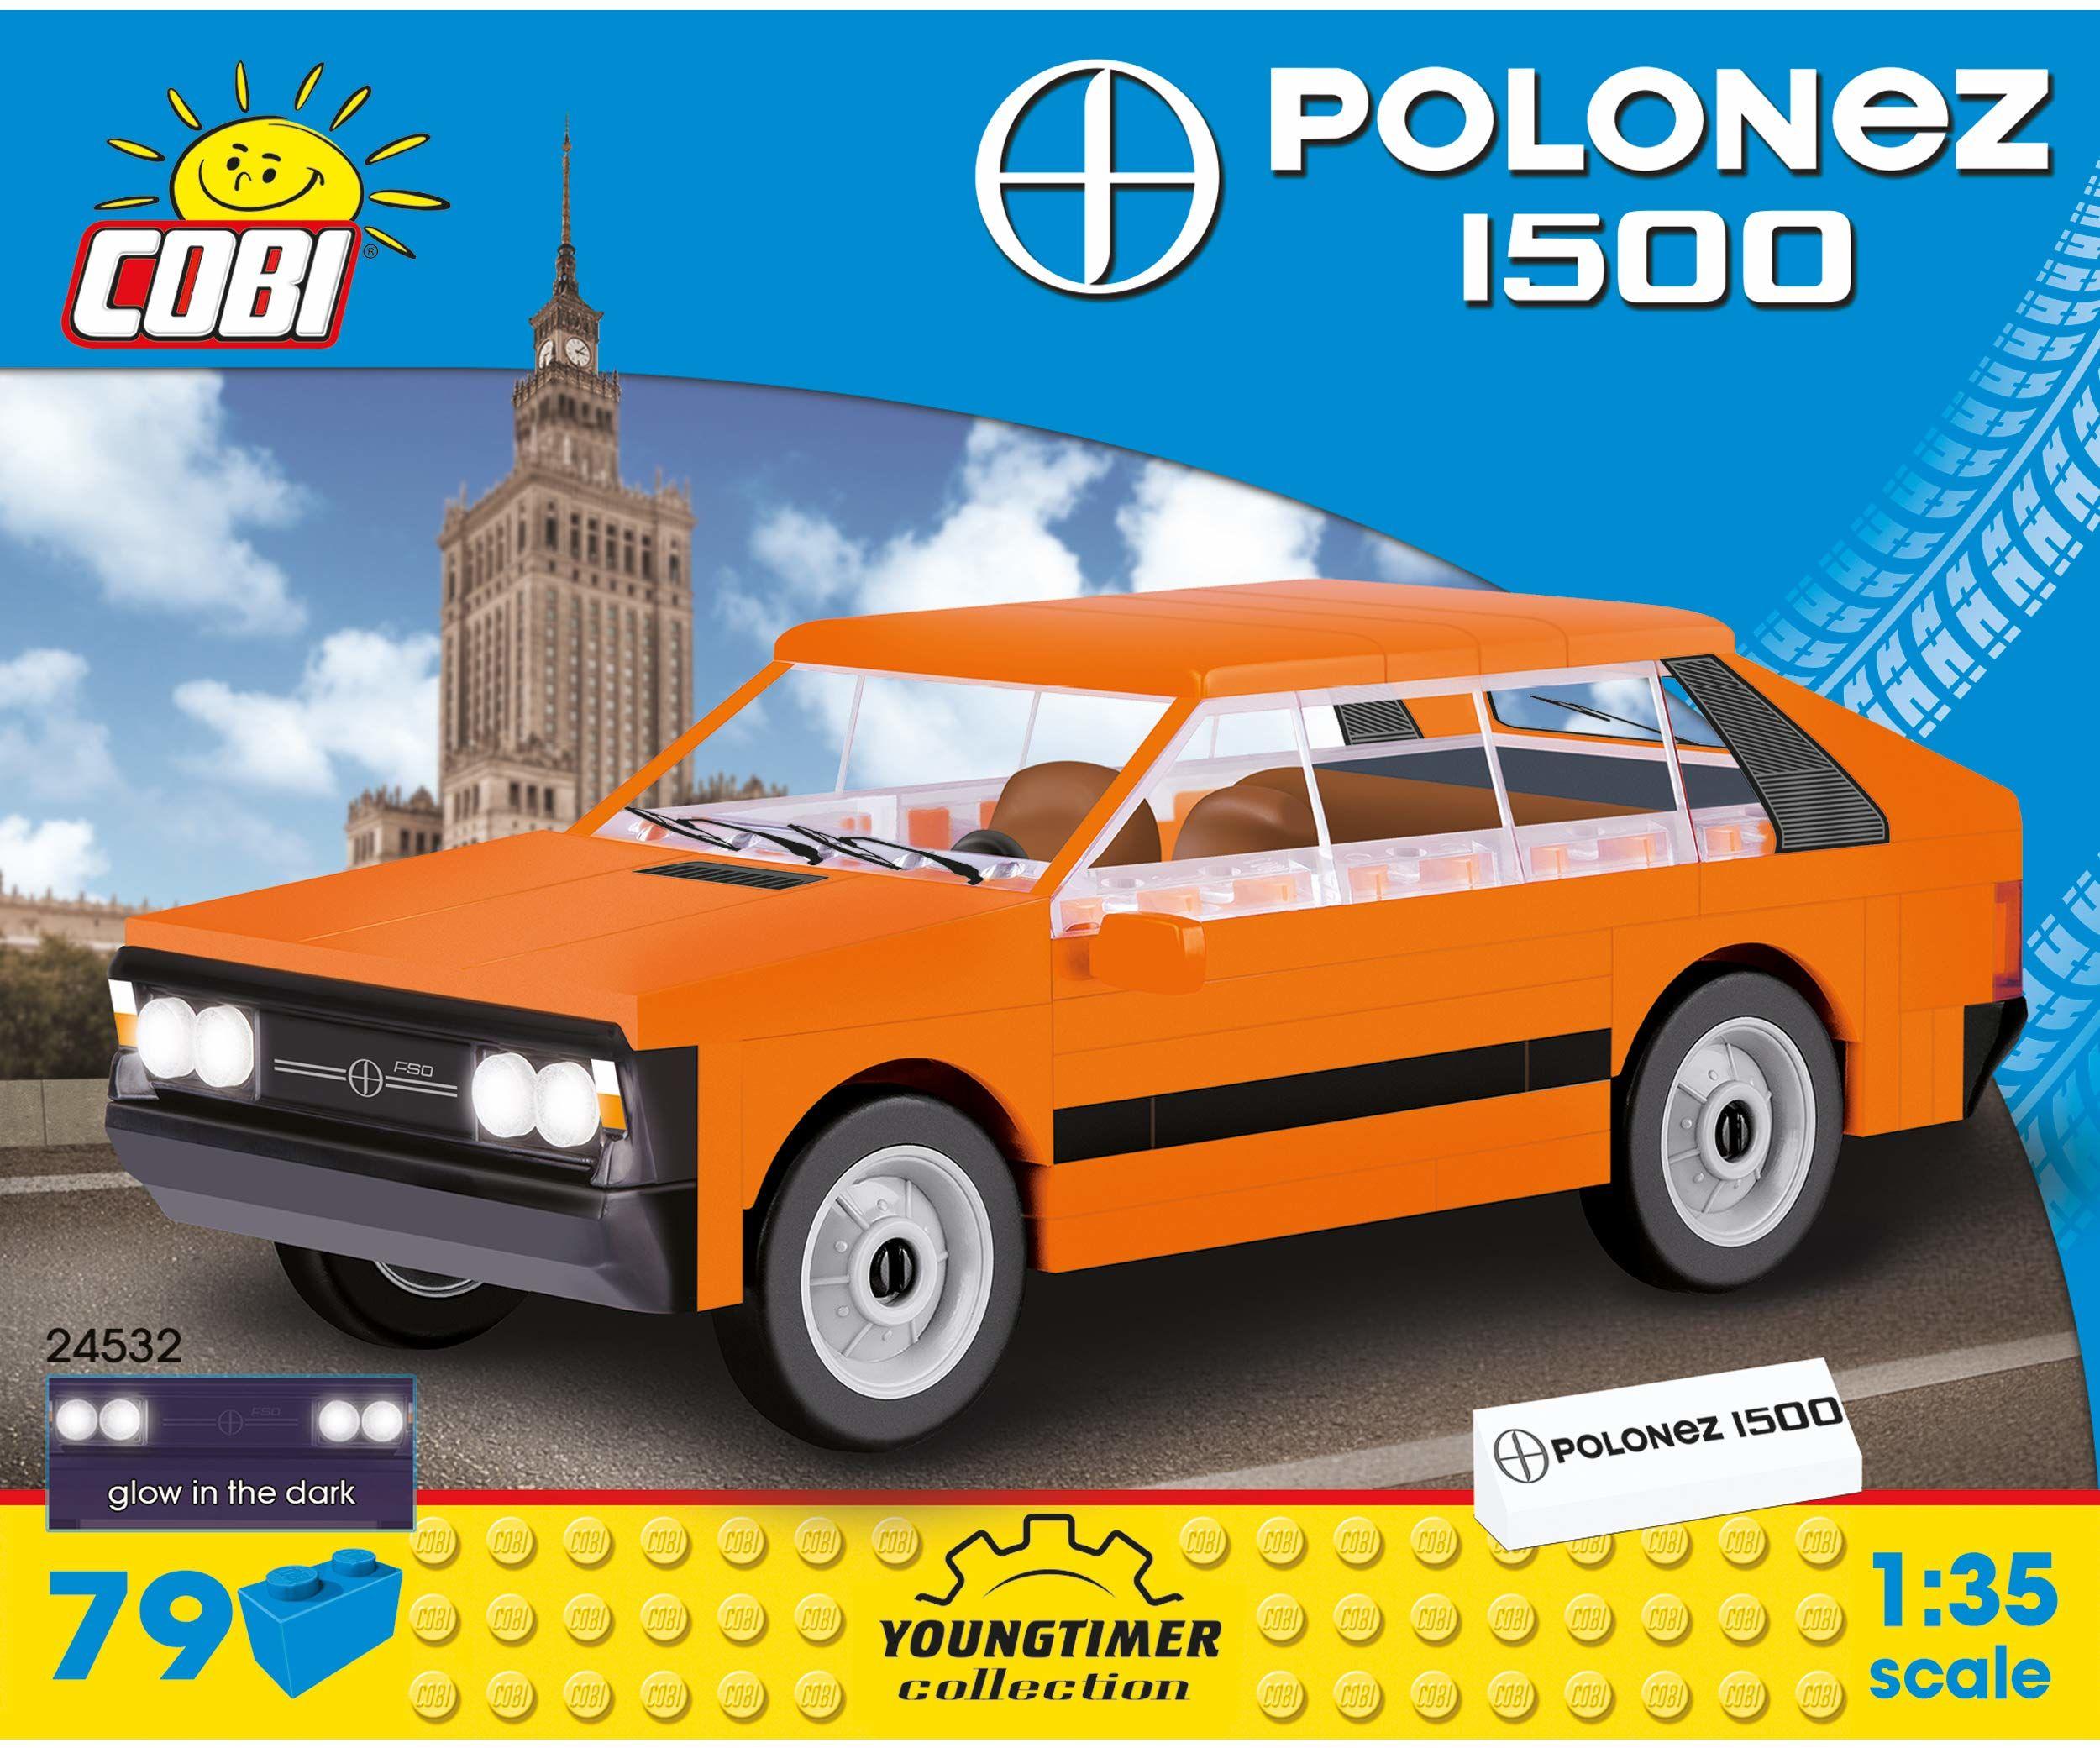 Cobi COB24532 FSO Polonez 1500 (79 szt.) zestaw modeli z cegły